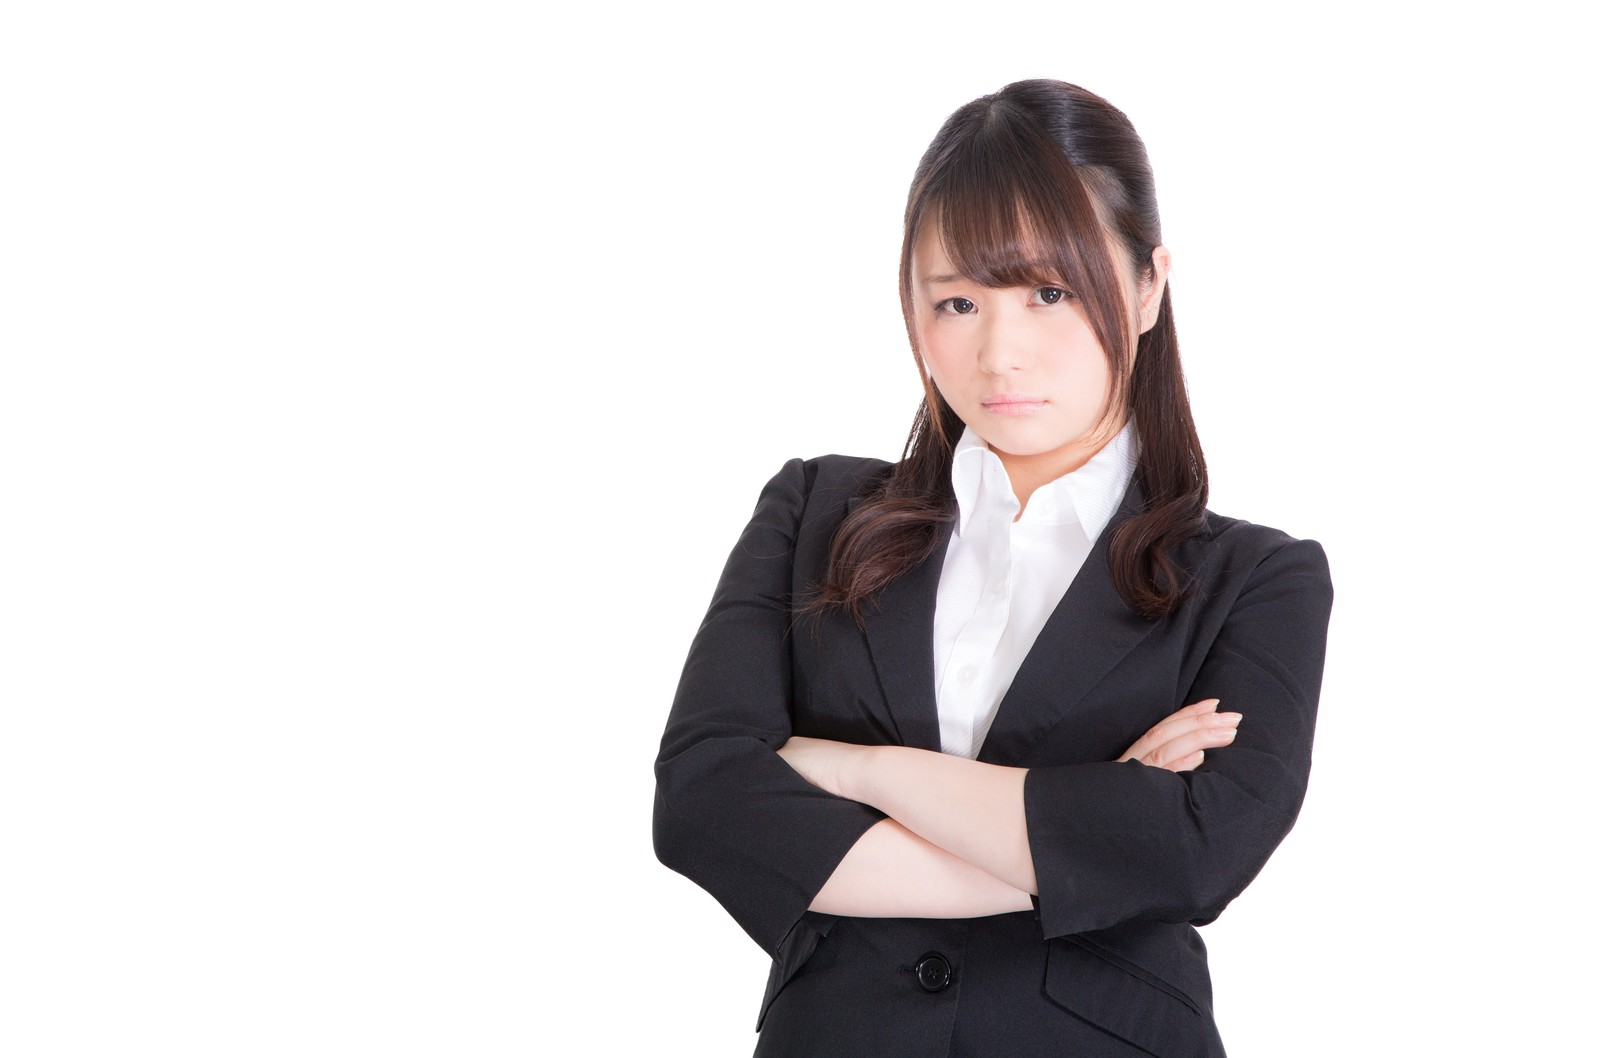 第二新卒は未経験でも転職できる?転職時にはブラック企業に要注意